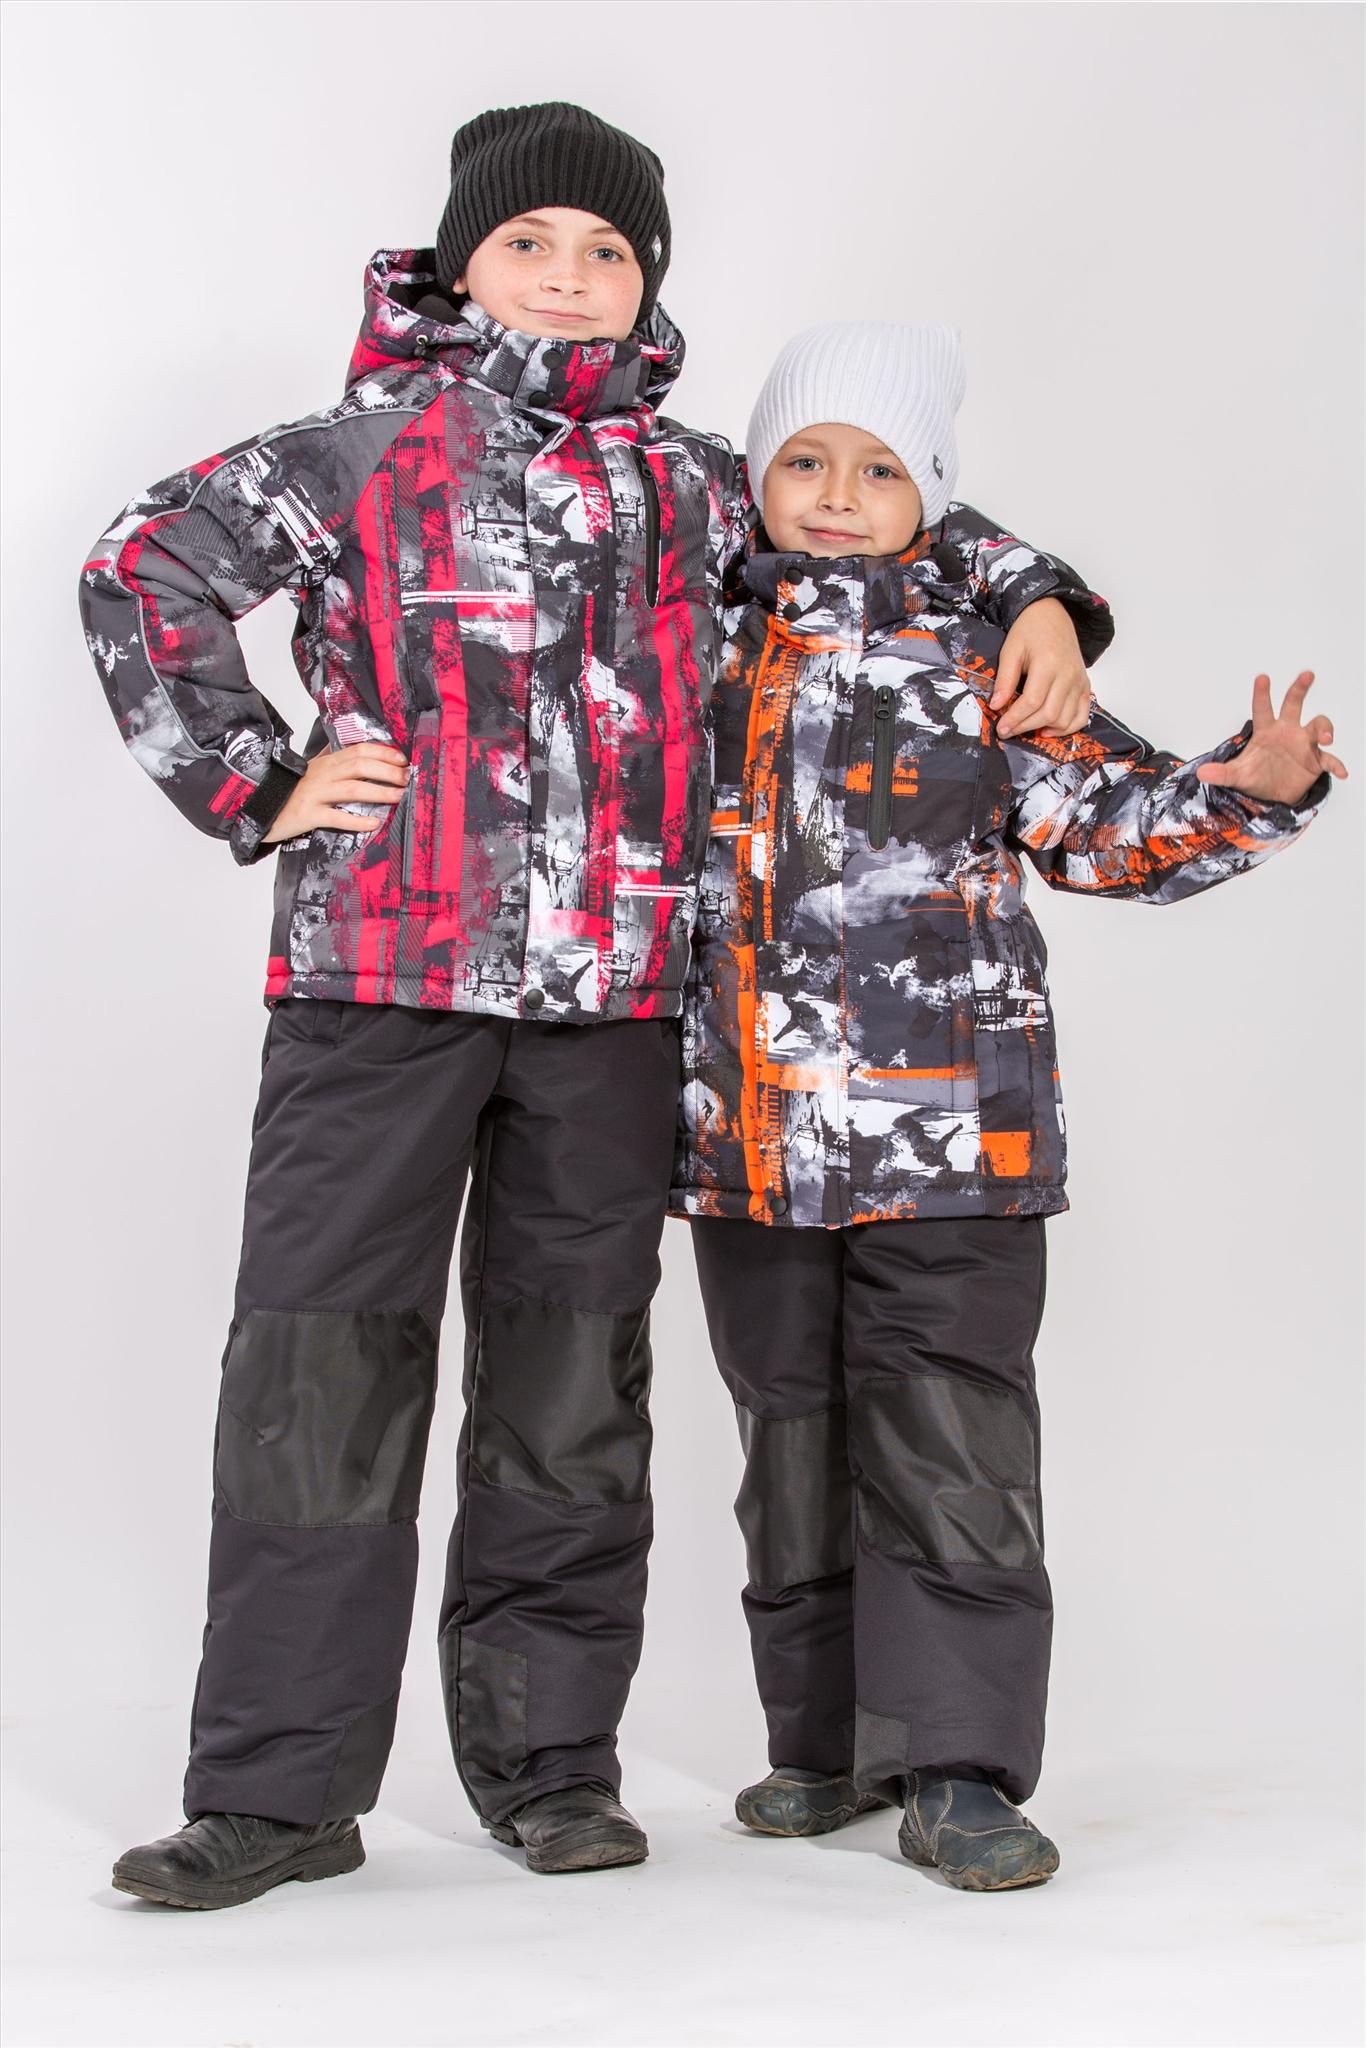 b719119b4e0 ... Уникальное foto Женская одежда Детский зимний утепленный костюм для  прогулок 34286234 в Бийске